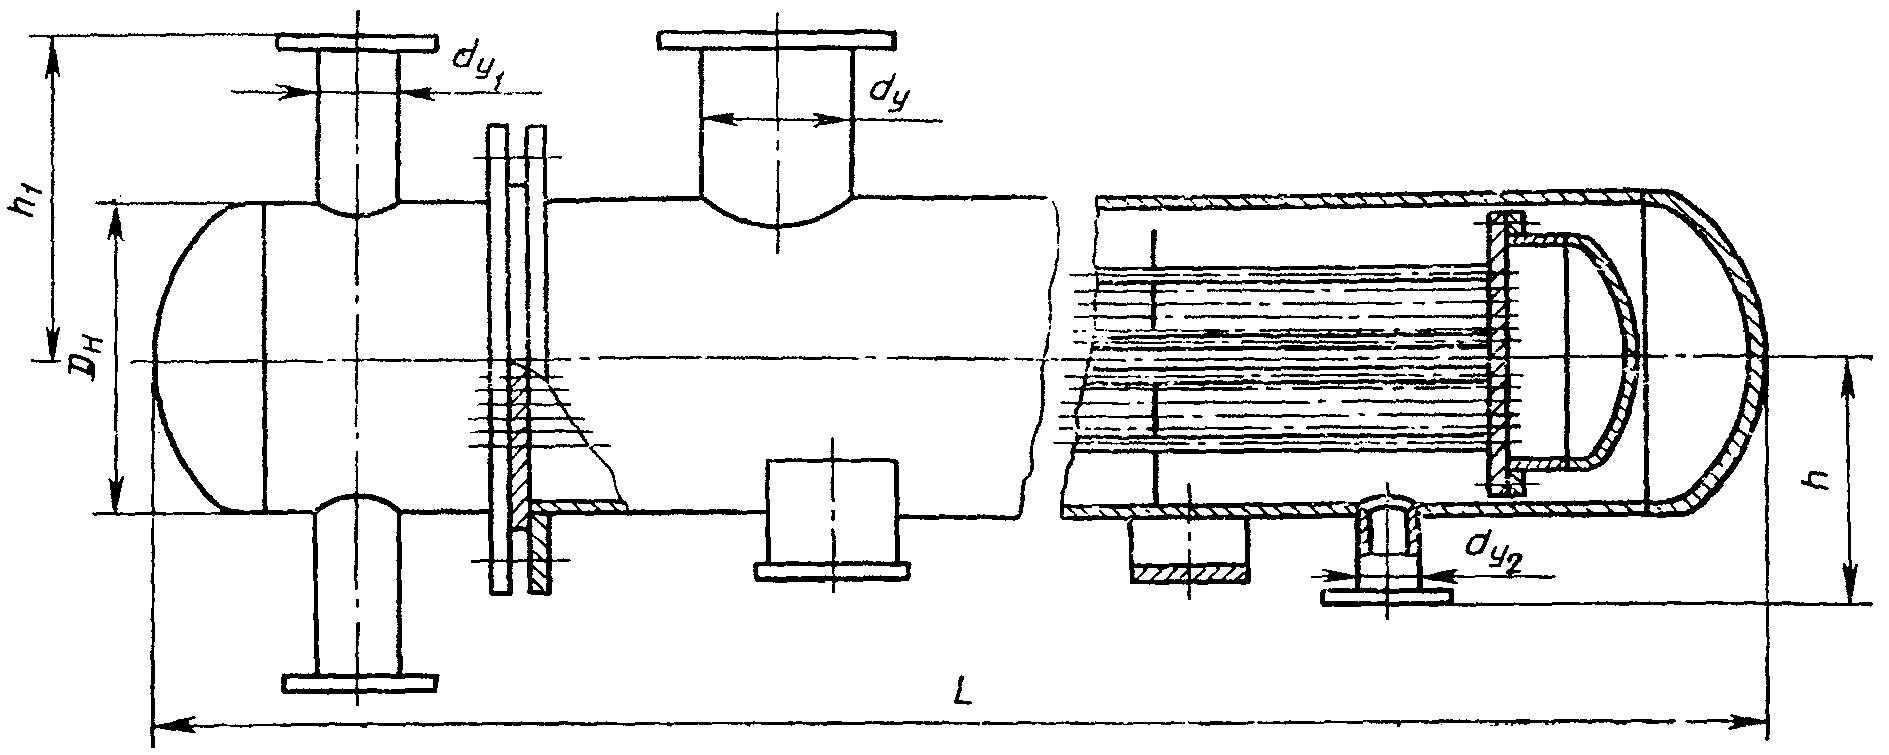 Теплообменник пп-53 характеристики tranter теплообменники